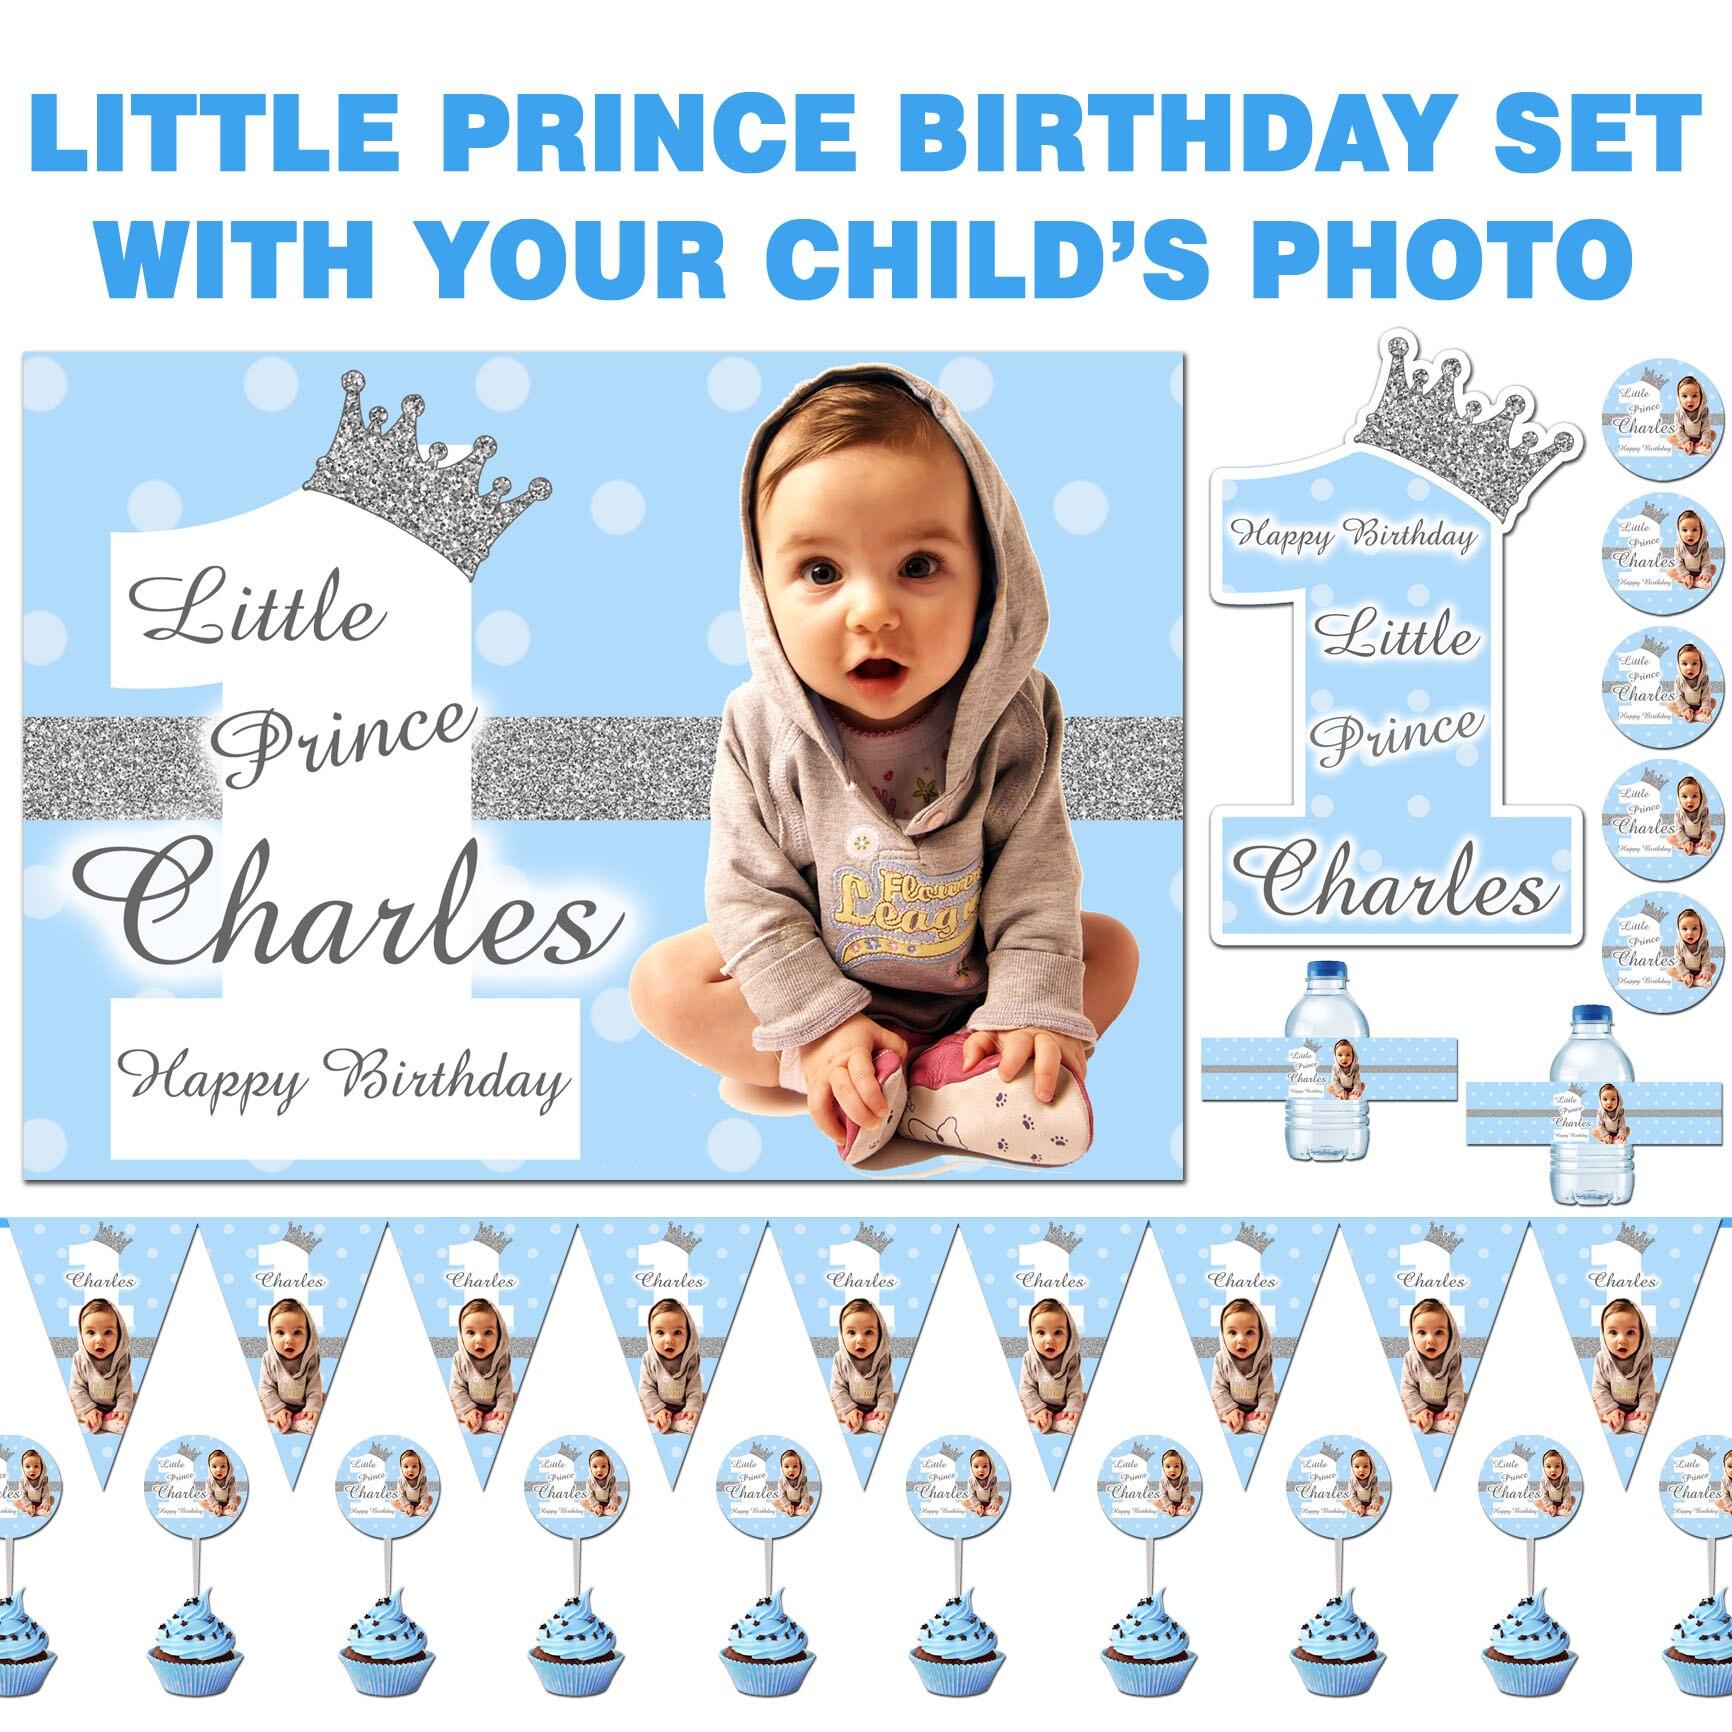 Anniversaire Petit Prince merci Sweet Cônes Personnalisé Bleu Prince garçon